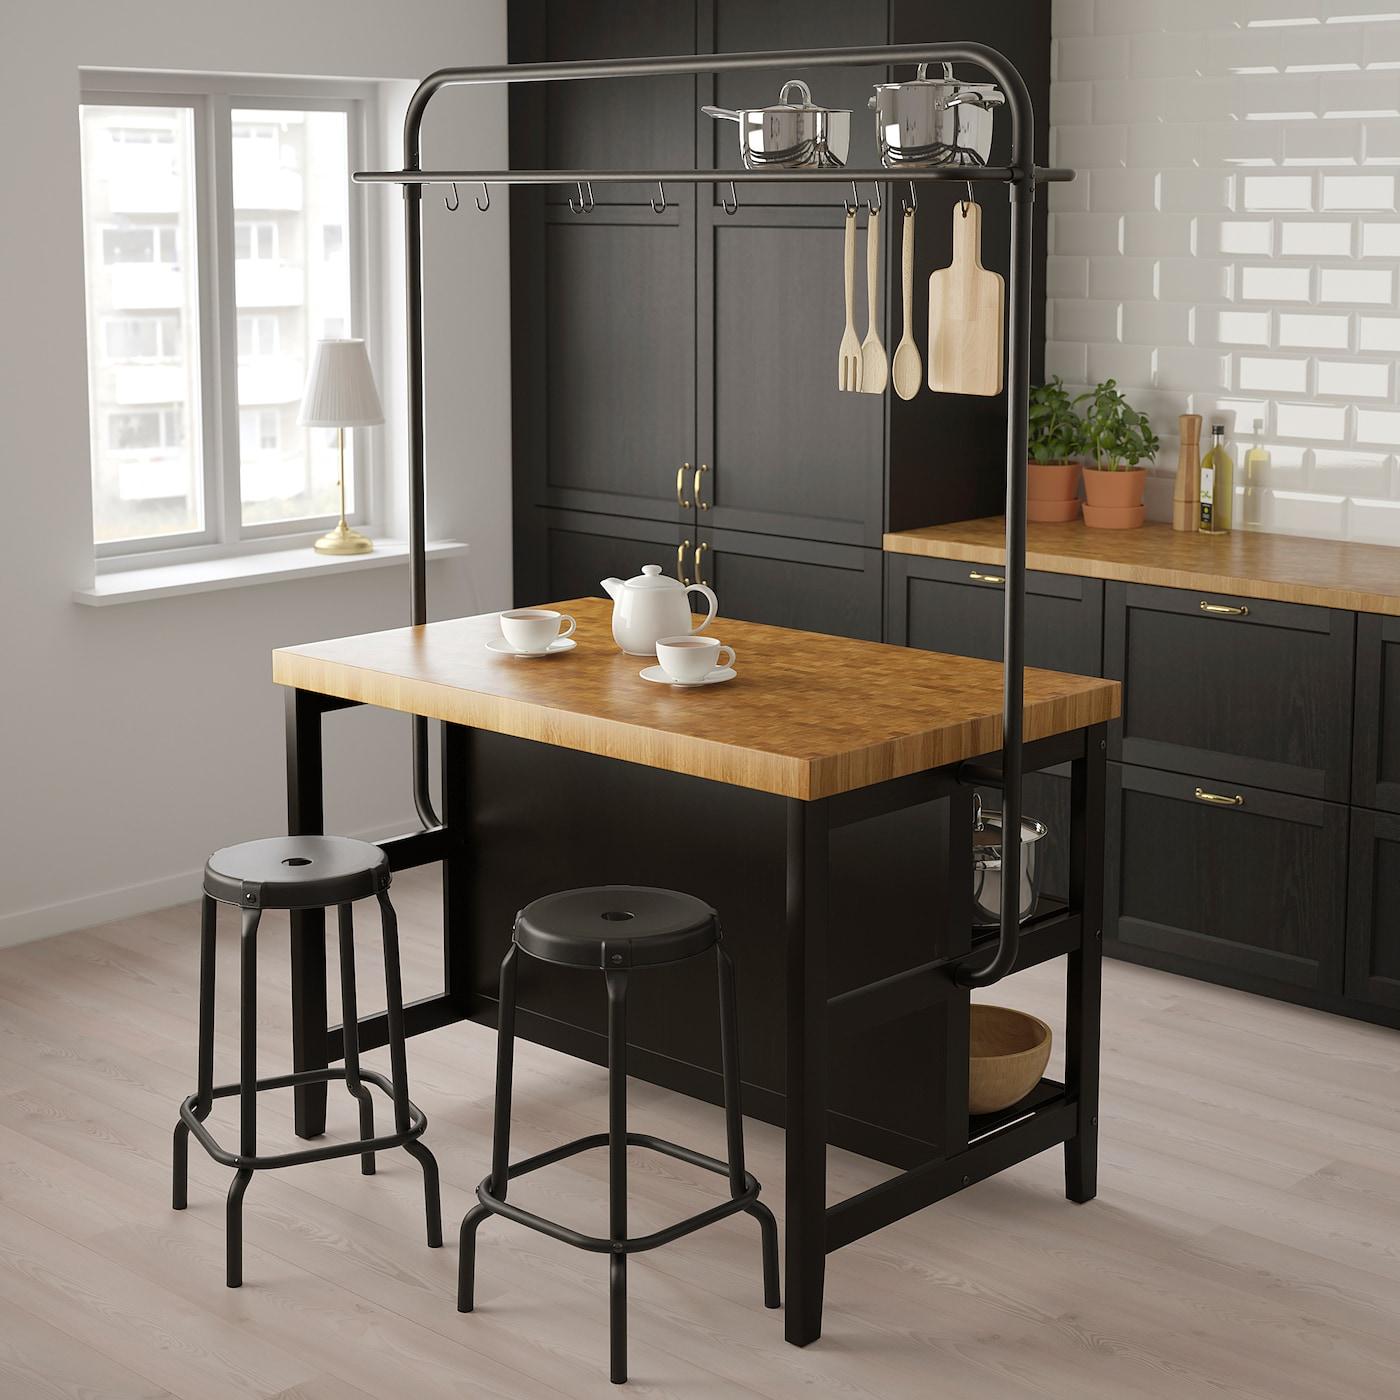 Full Size of Ikea Miniküche Küche Kosten Sofa Mit Schlaffunktion Betten Bei 160x200 Modulküche Kaufen Wohnzimmer Ikea Kücheninsel